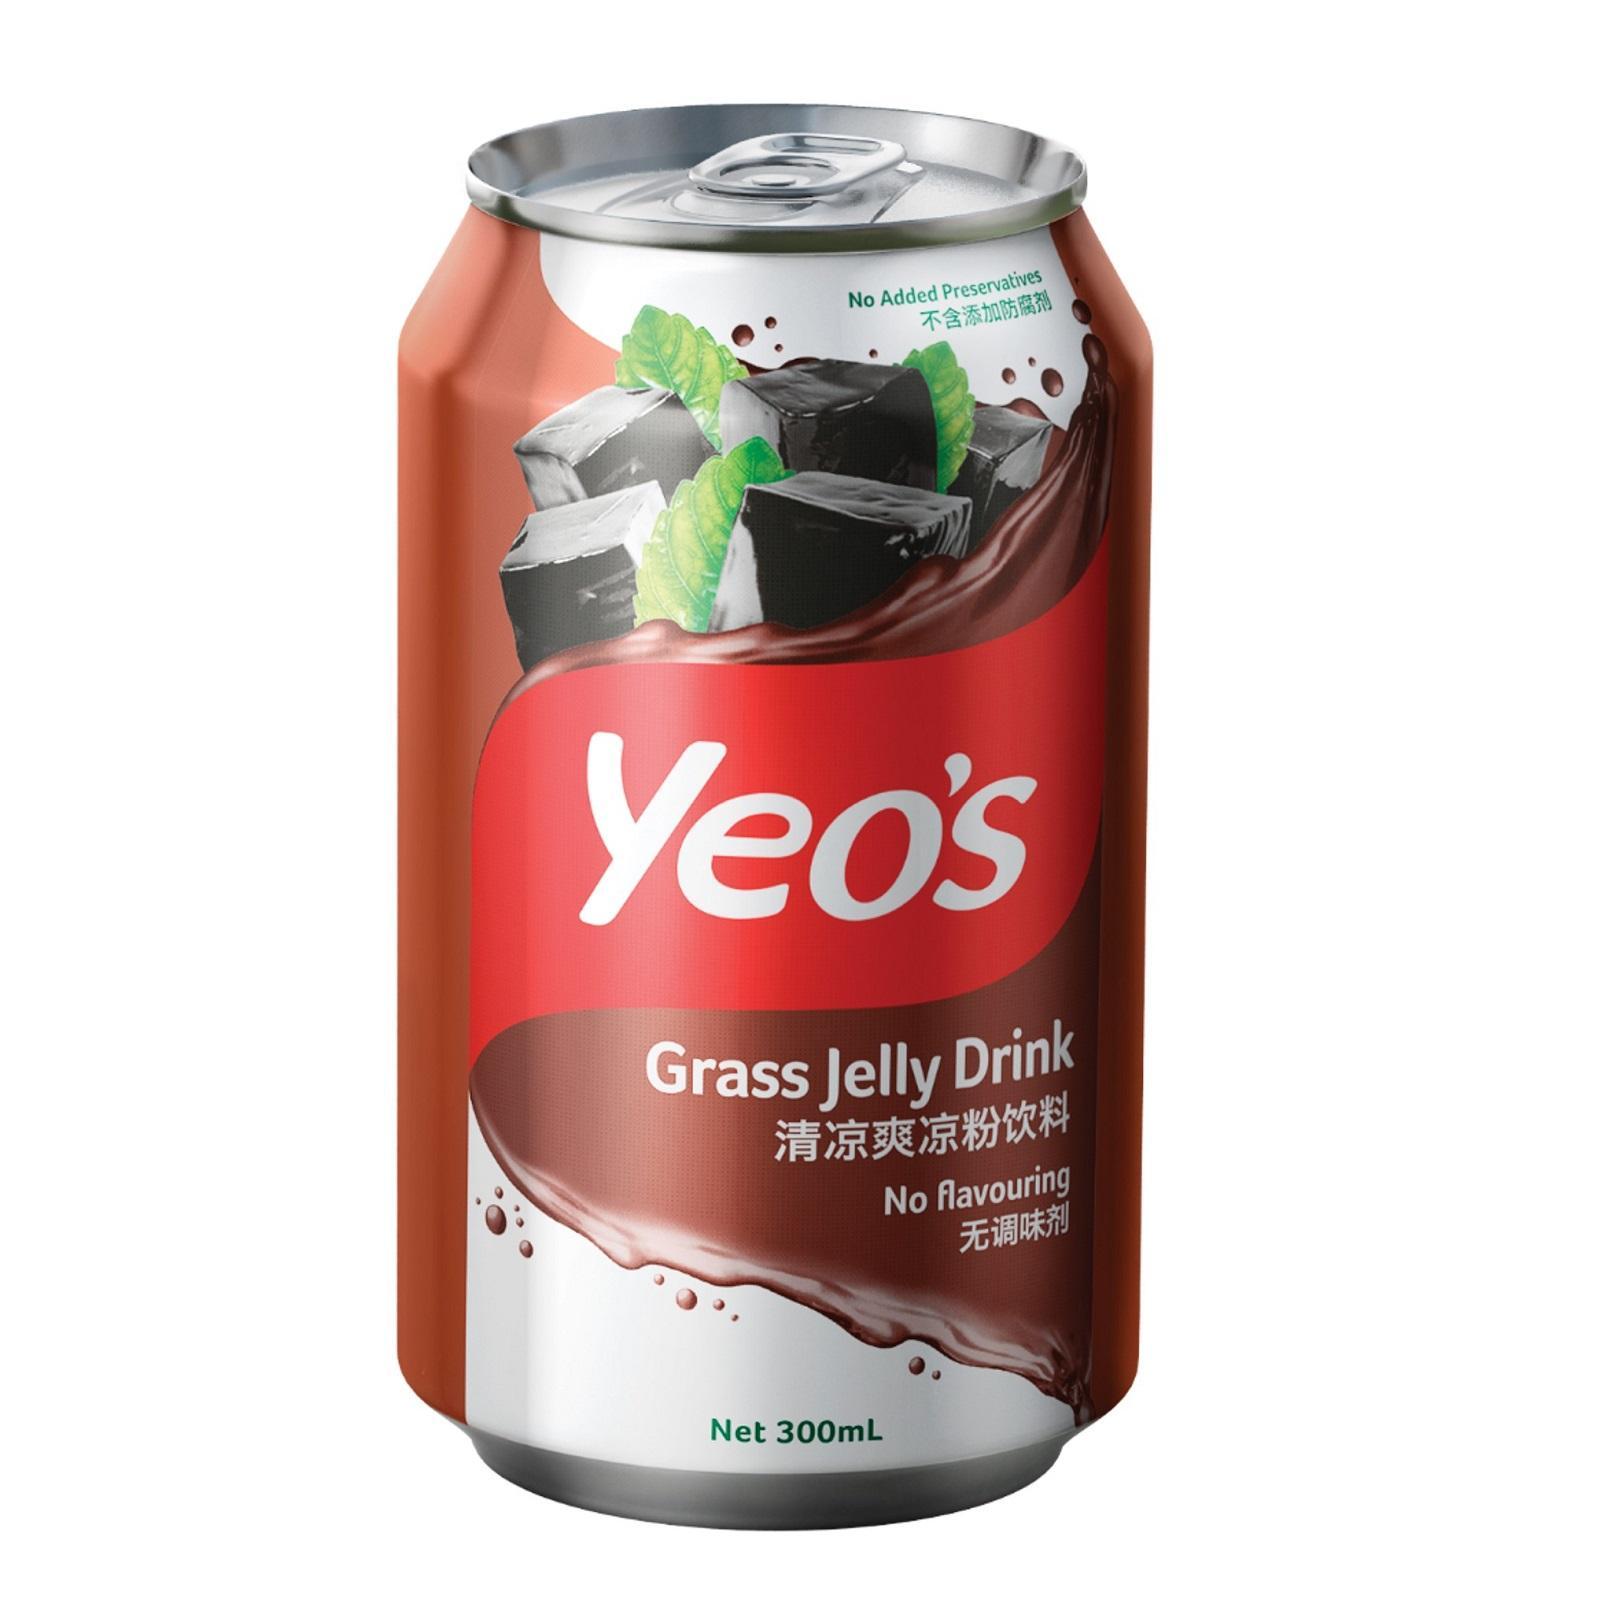 F&N Seasons Reduced Sugar Grass Jelly Drink